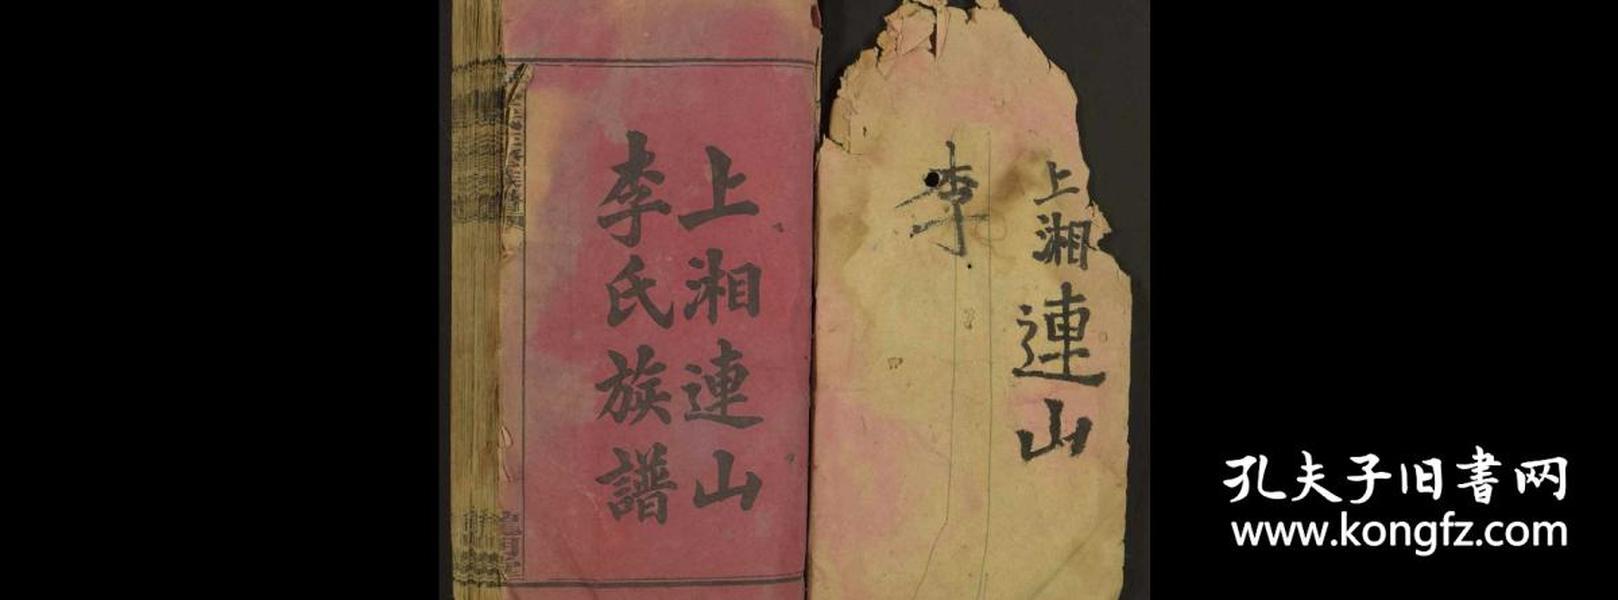 上湘李氏族谱 [42卷,首3卷,末1卷]